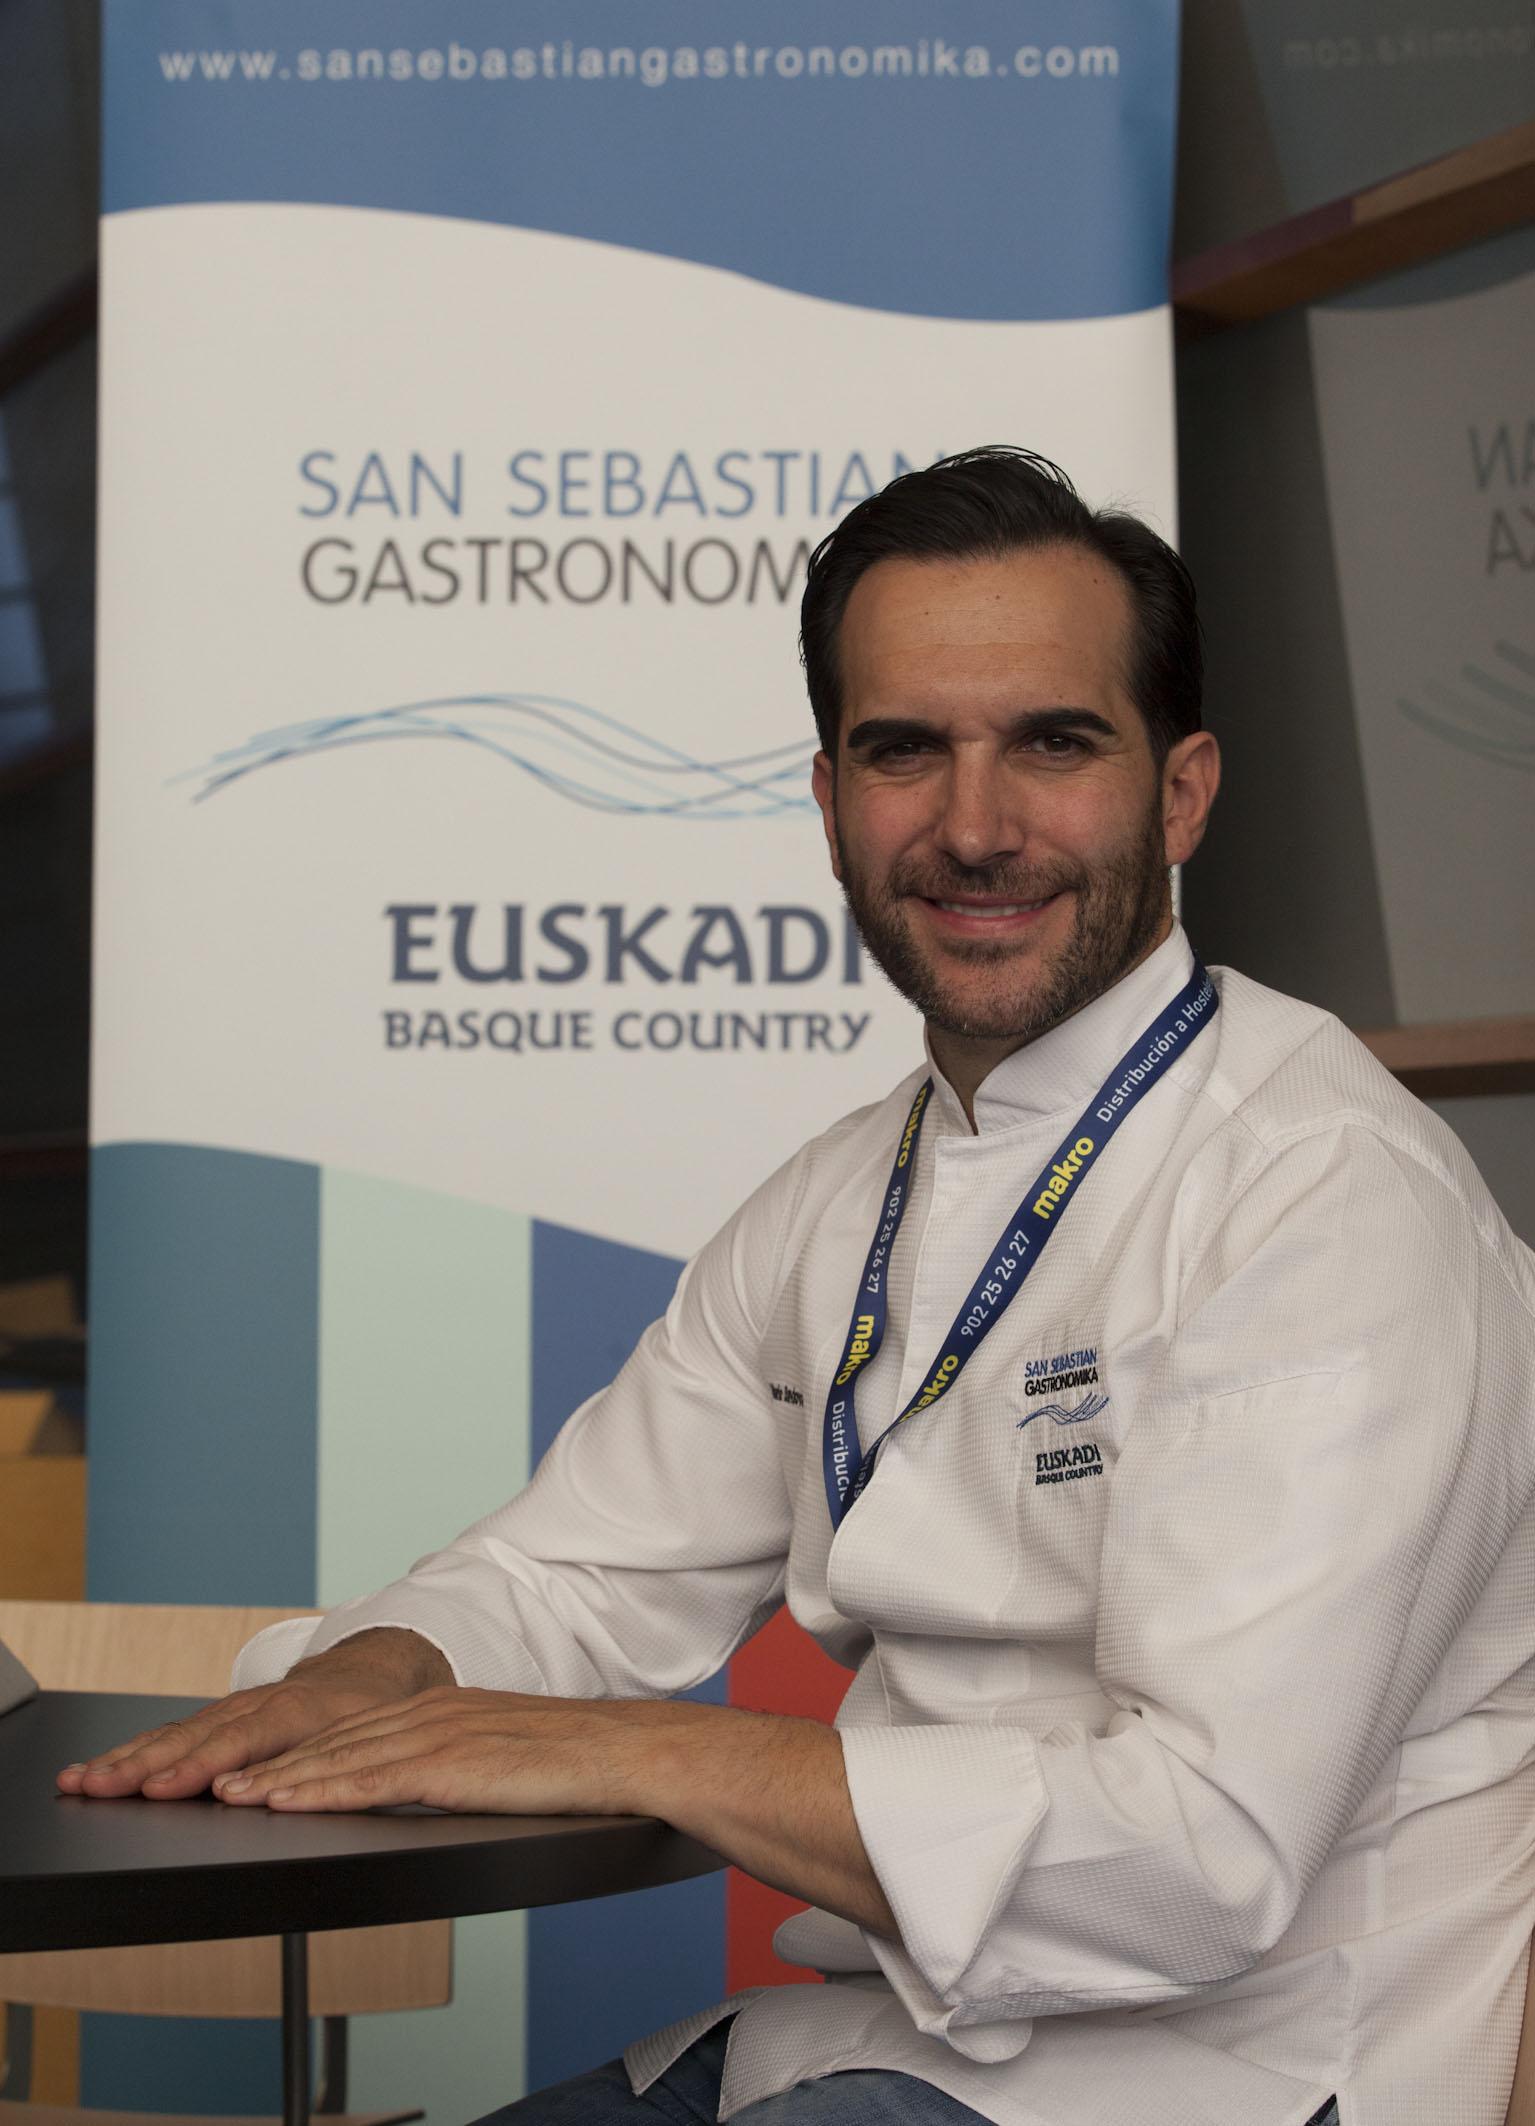 Quique Dacosta y Dani García revolucionan San Sebastián Gastronomika